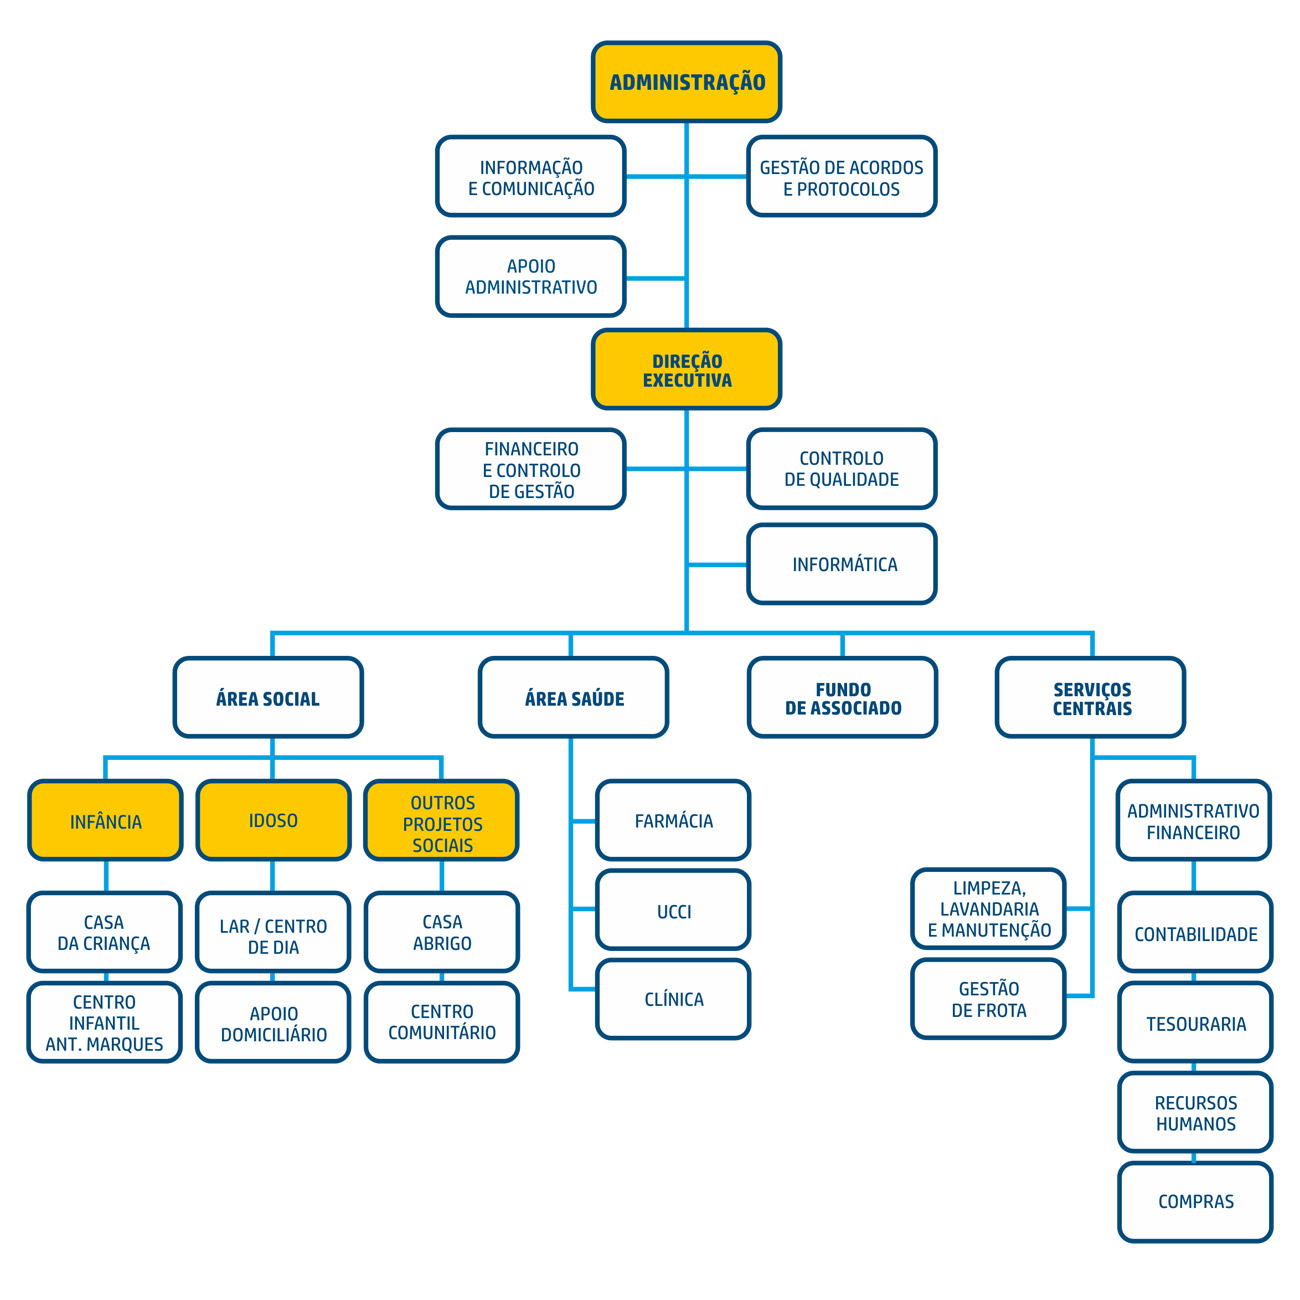 organograma_umutualista_2021-2